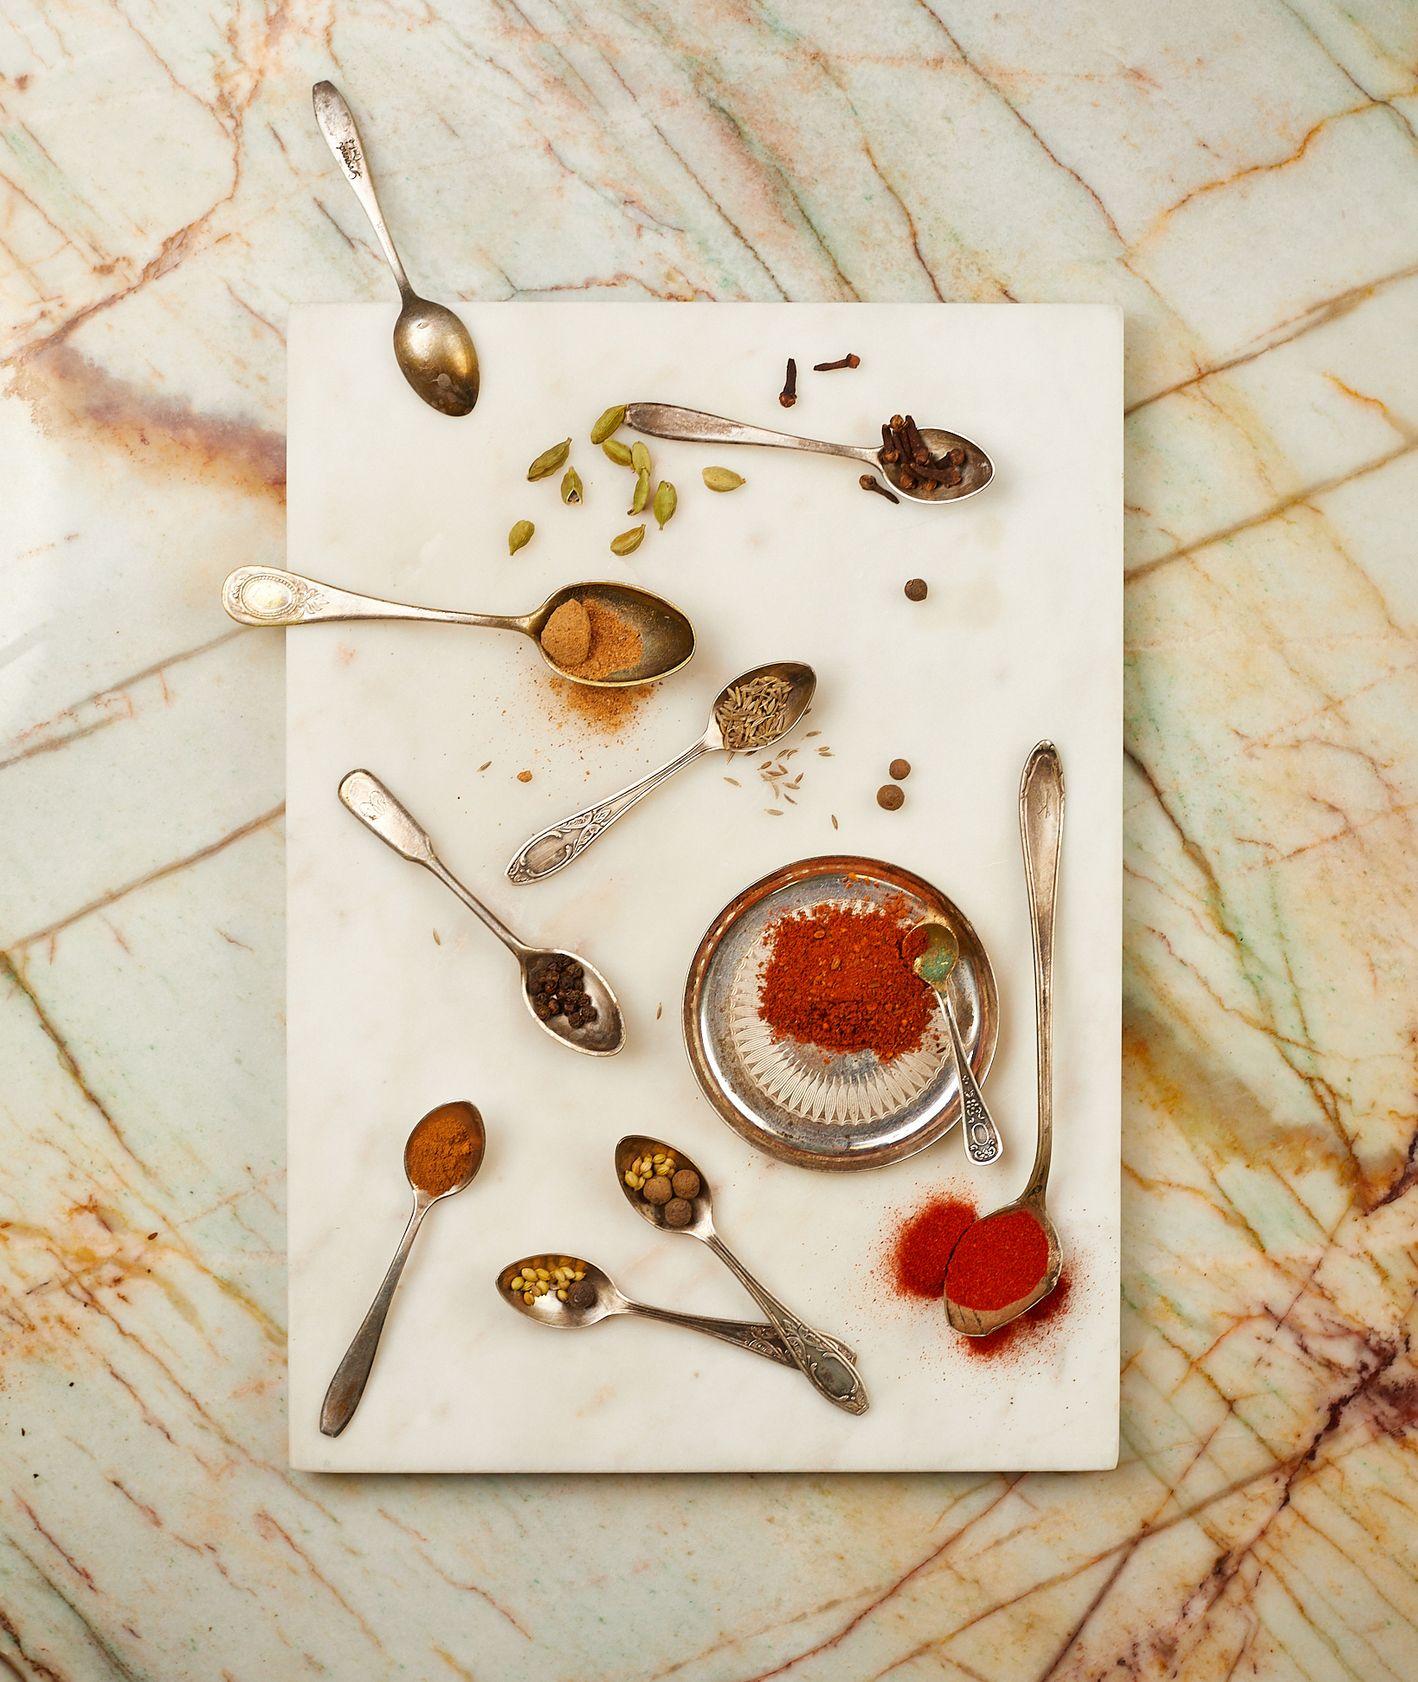 Przyprawy baharat, mieszanka przypraw, jak zrobić mieszankę przypraw, kuchnia izraelska (fot. Maciej Niemojewski)